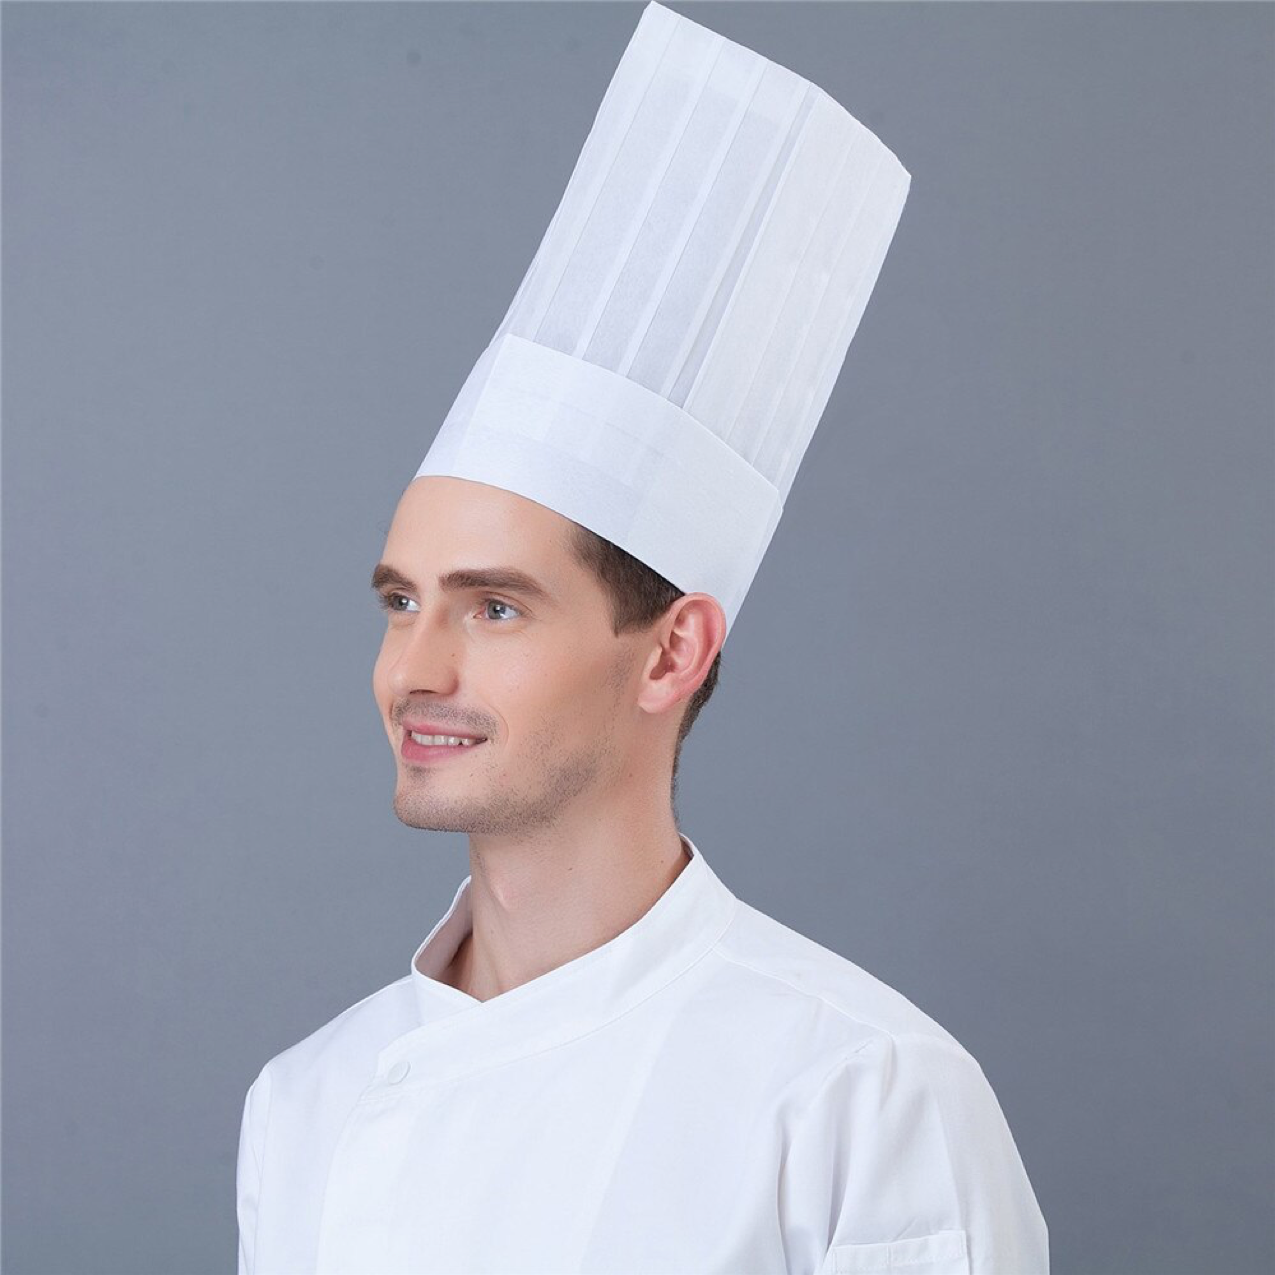 đồng phục mũ đầu bếp